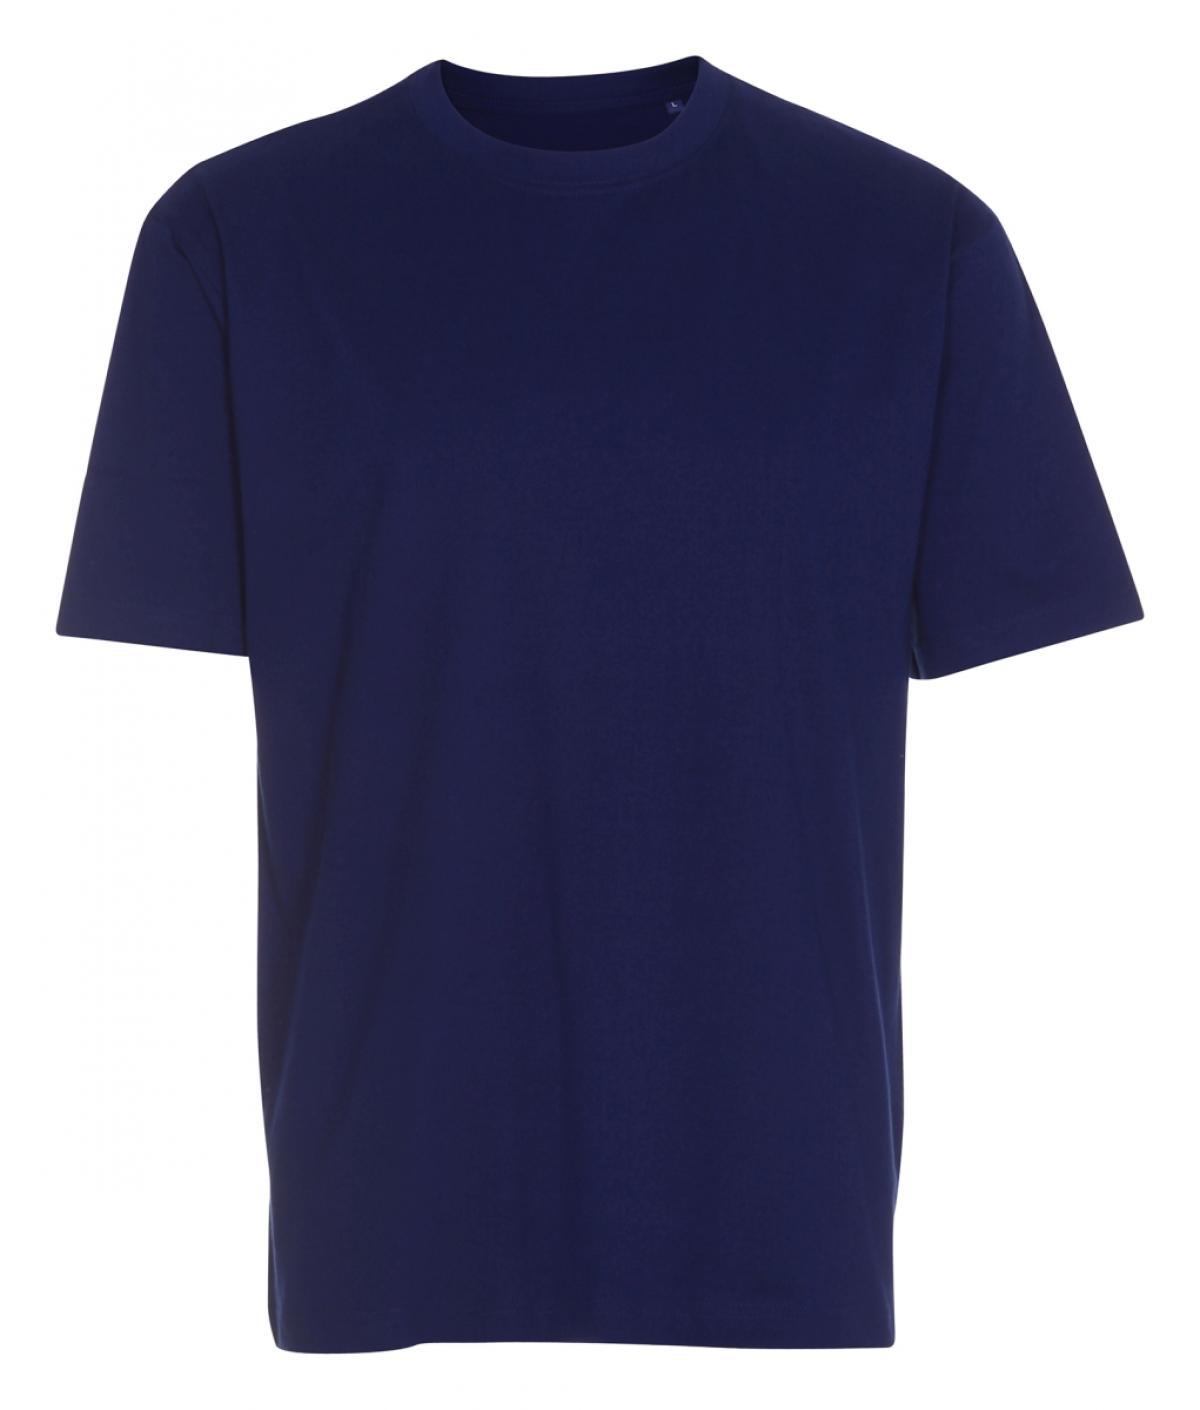 buy online ec3d4 571c6 Firmatøj ohne Druck ungenutzt: 50 Stück. Rundhals-T-Shirt ...